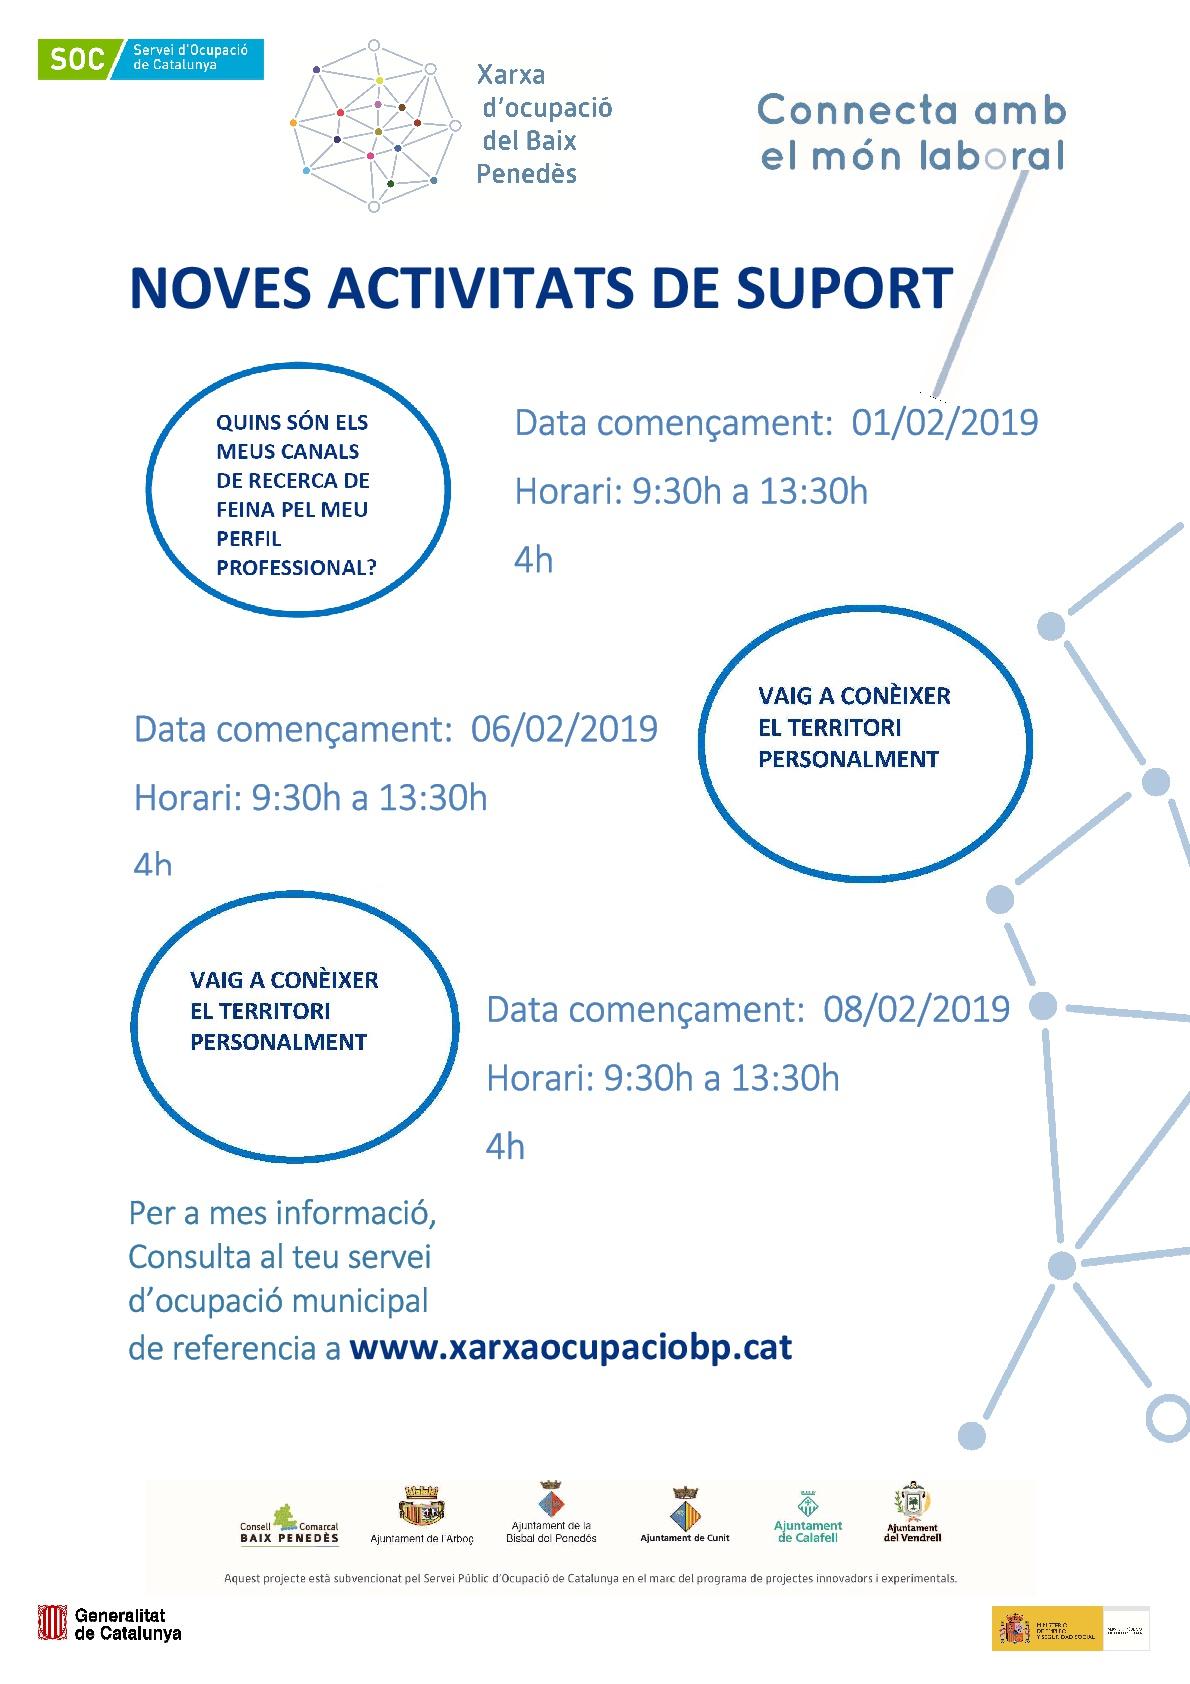 Nova oferta d'activitats de suport per a la recerca de feina de la Xarxa d'ocupació del Baix Penedès